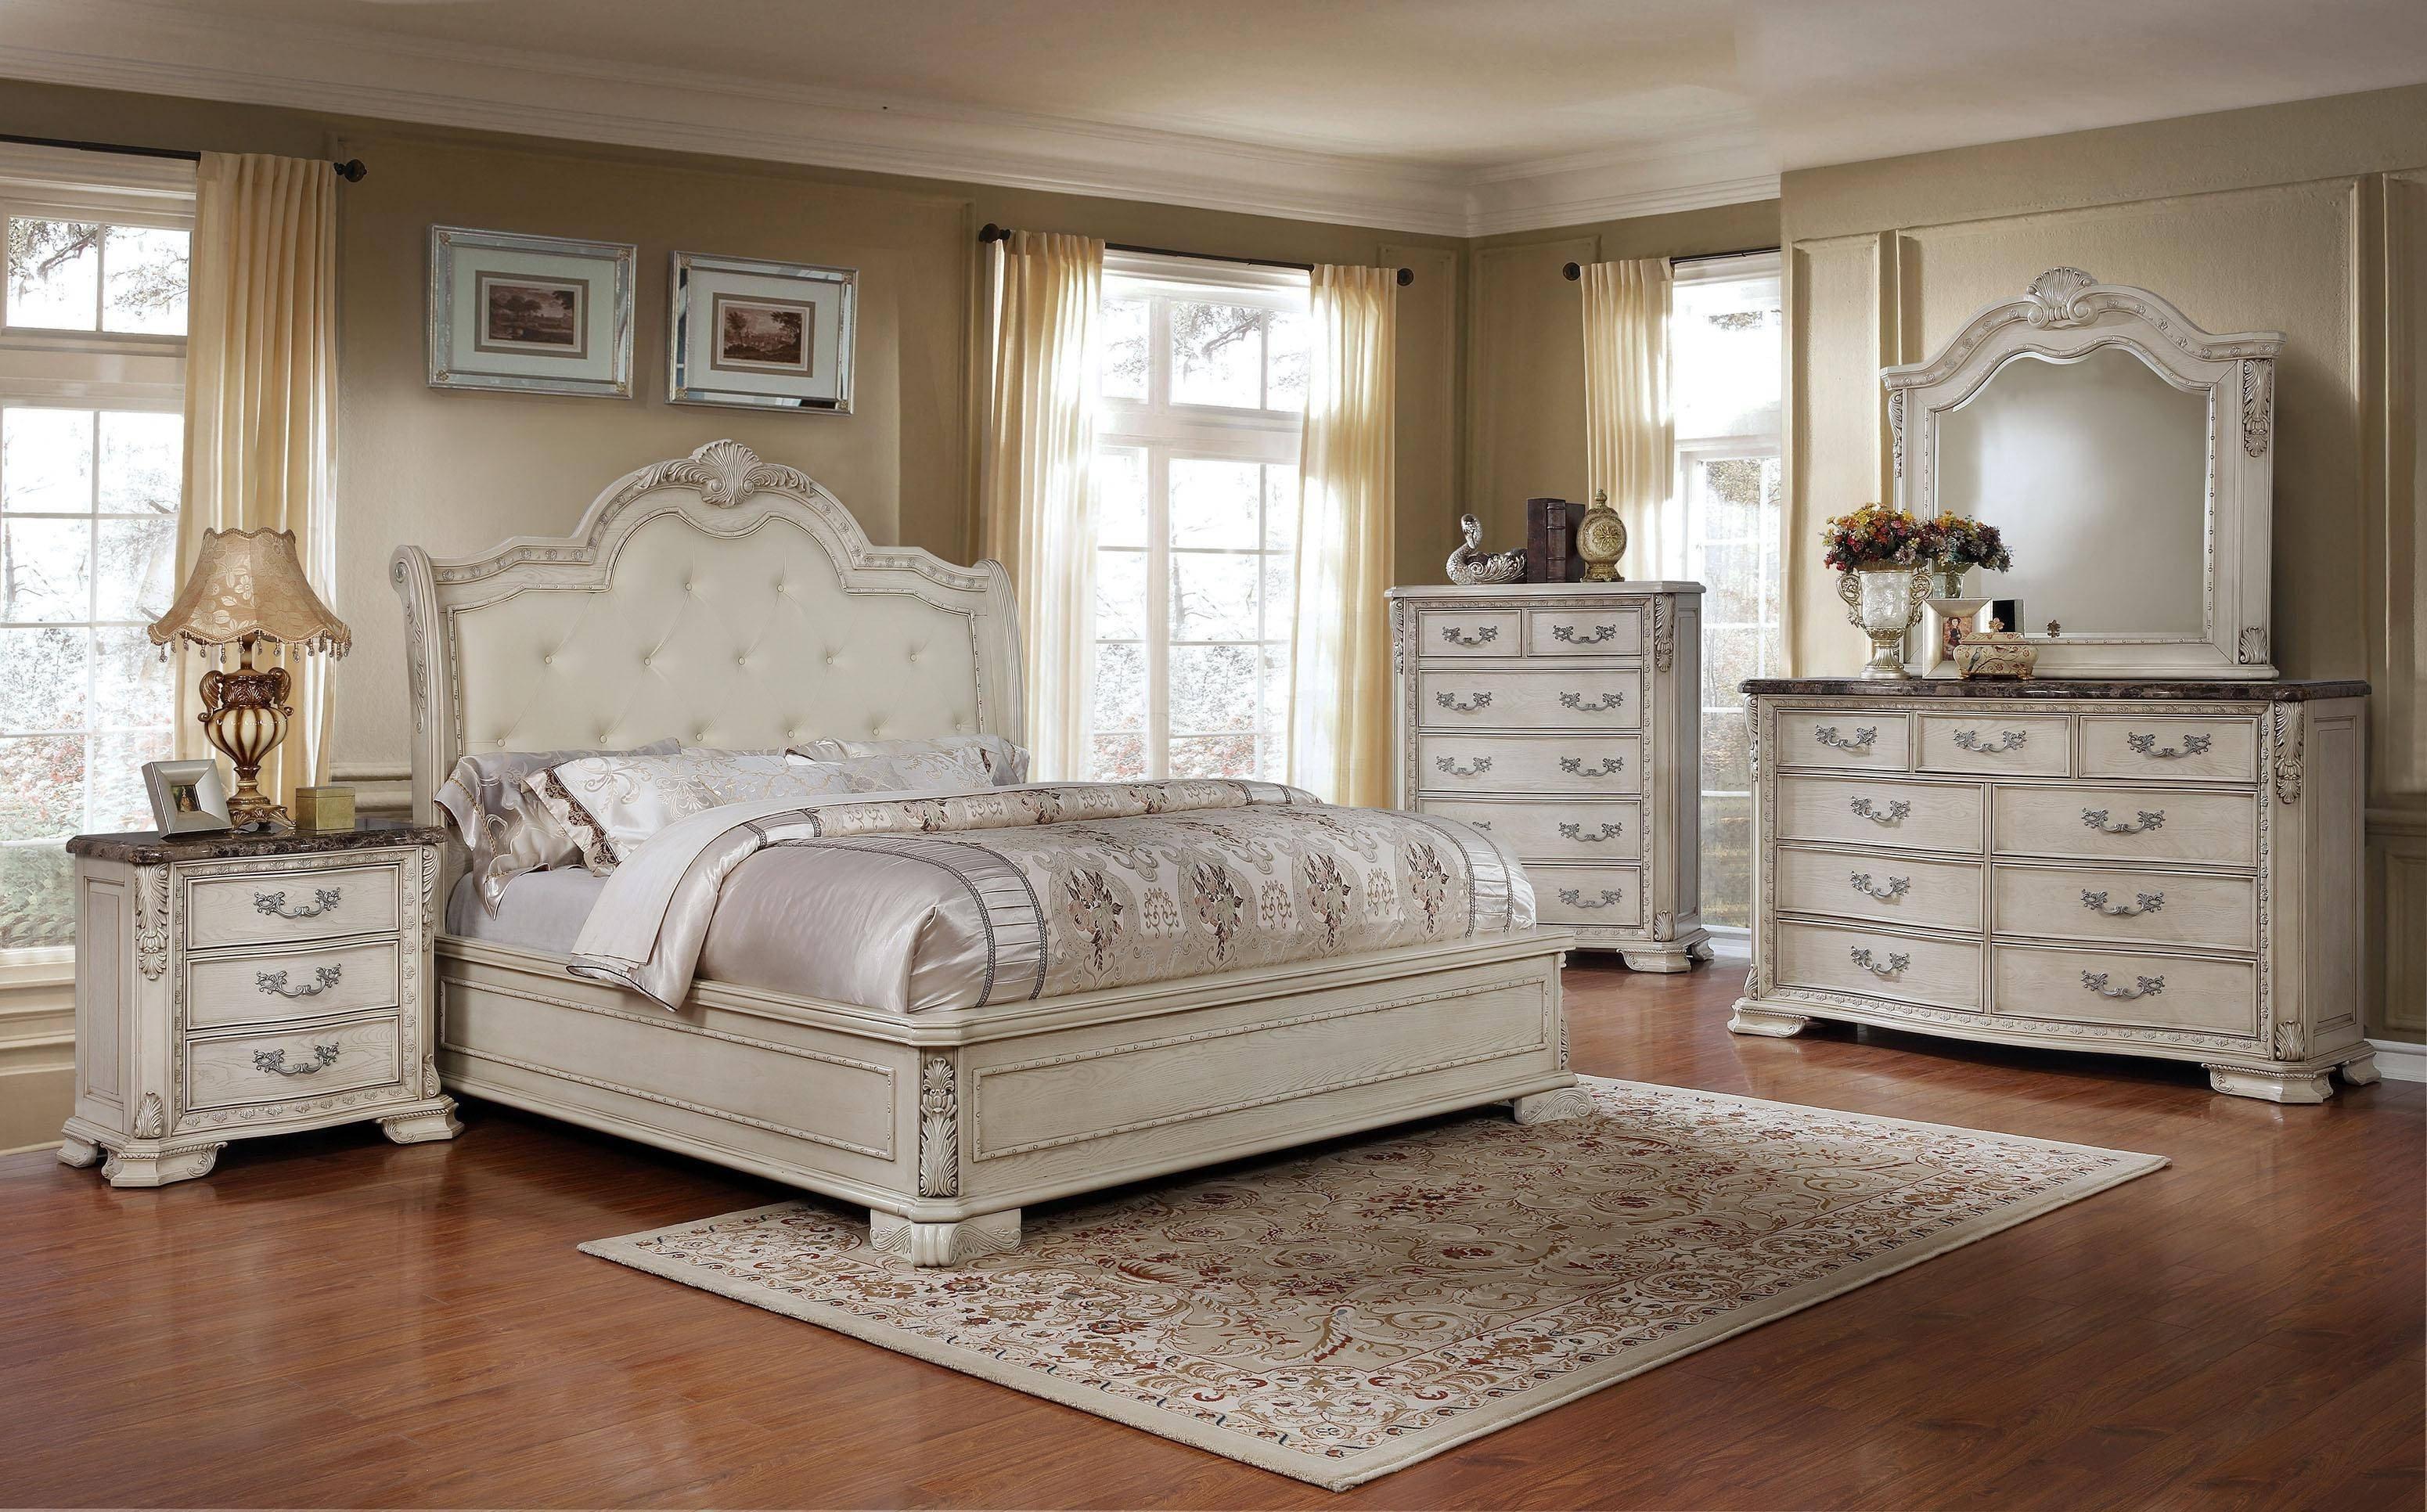 White Tufted Bedroom Set New Mcferran B1000 Antique White Tufted King Size Bedroom Set